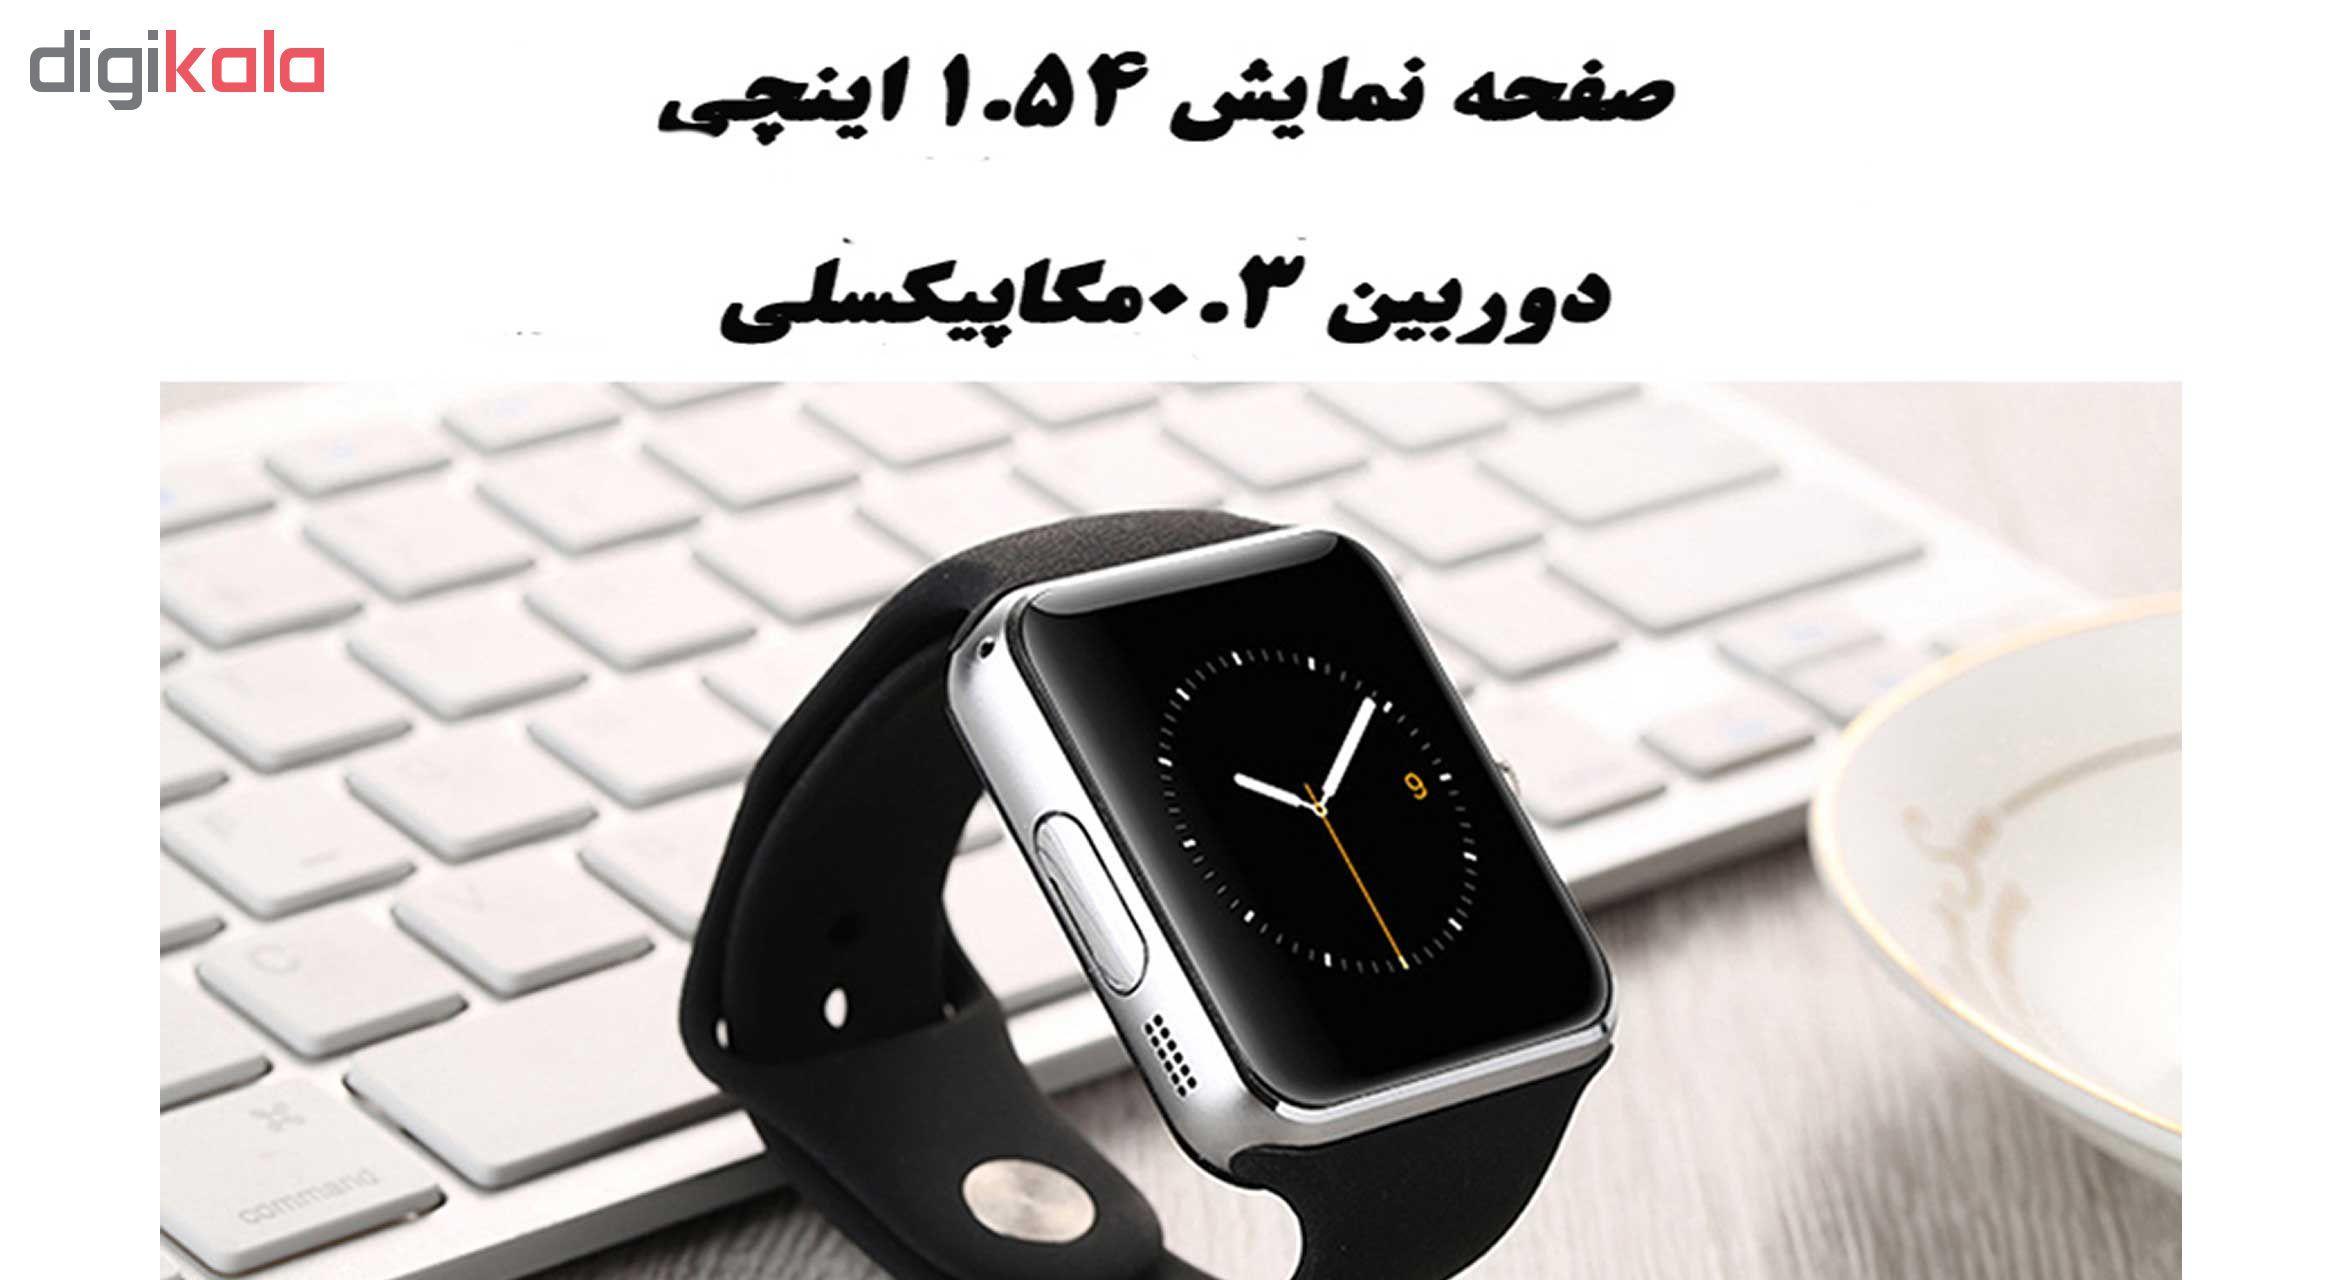 ساعت هوشمند مدل Q7sp همراه محافظ صفحه نمایش شیدتگ main 1 10